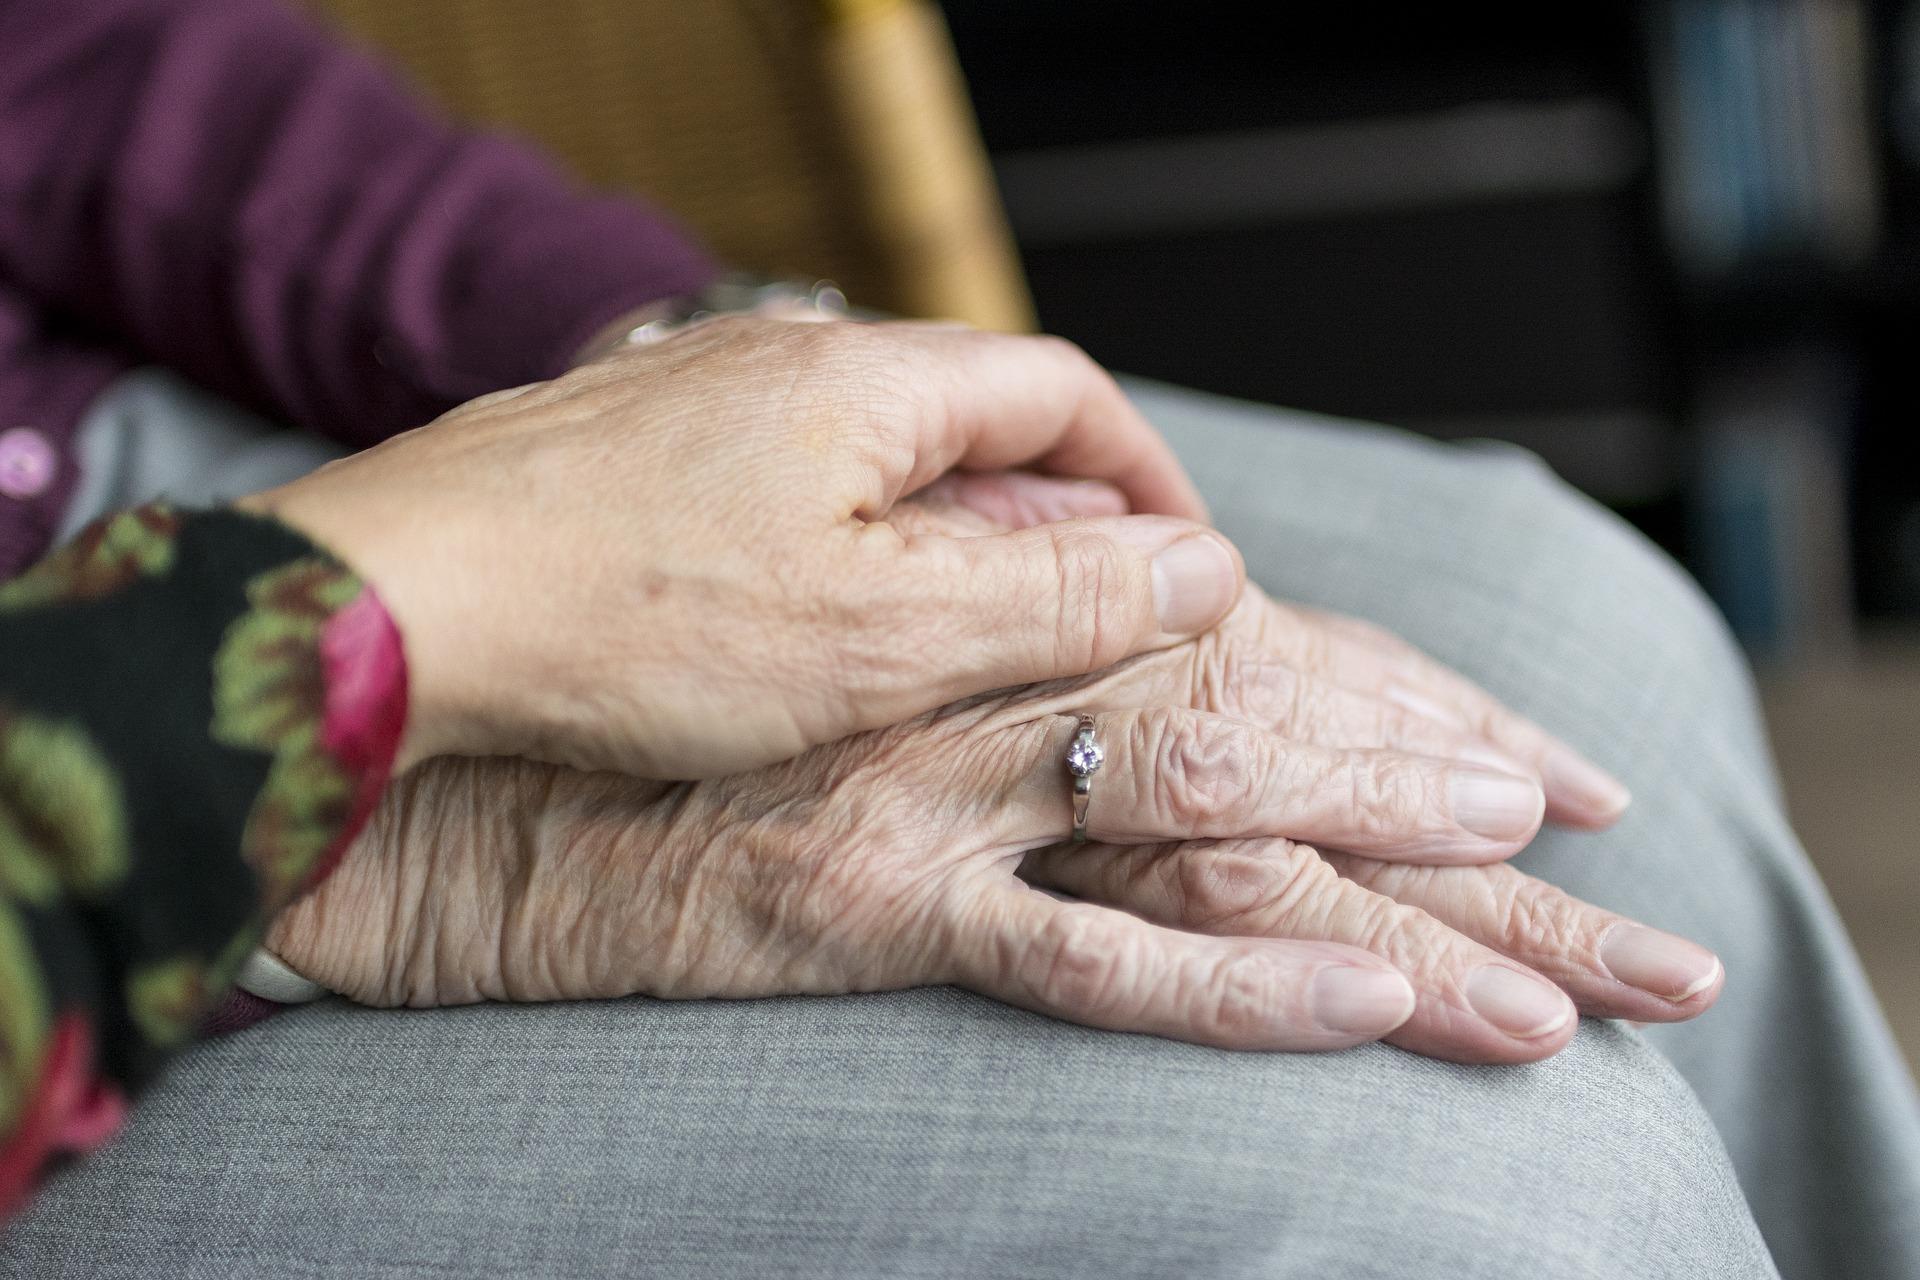 Old Old Age Vulnerable Hands Care Elderly